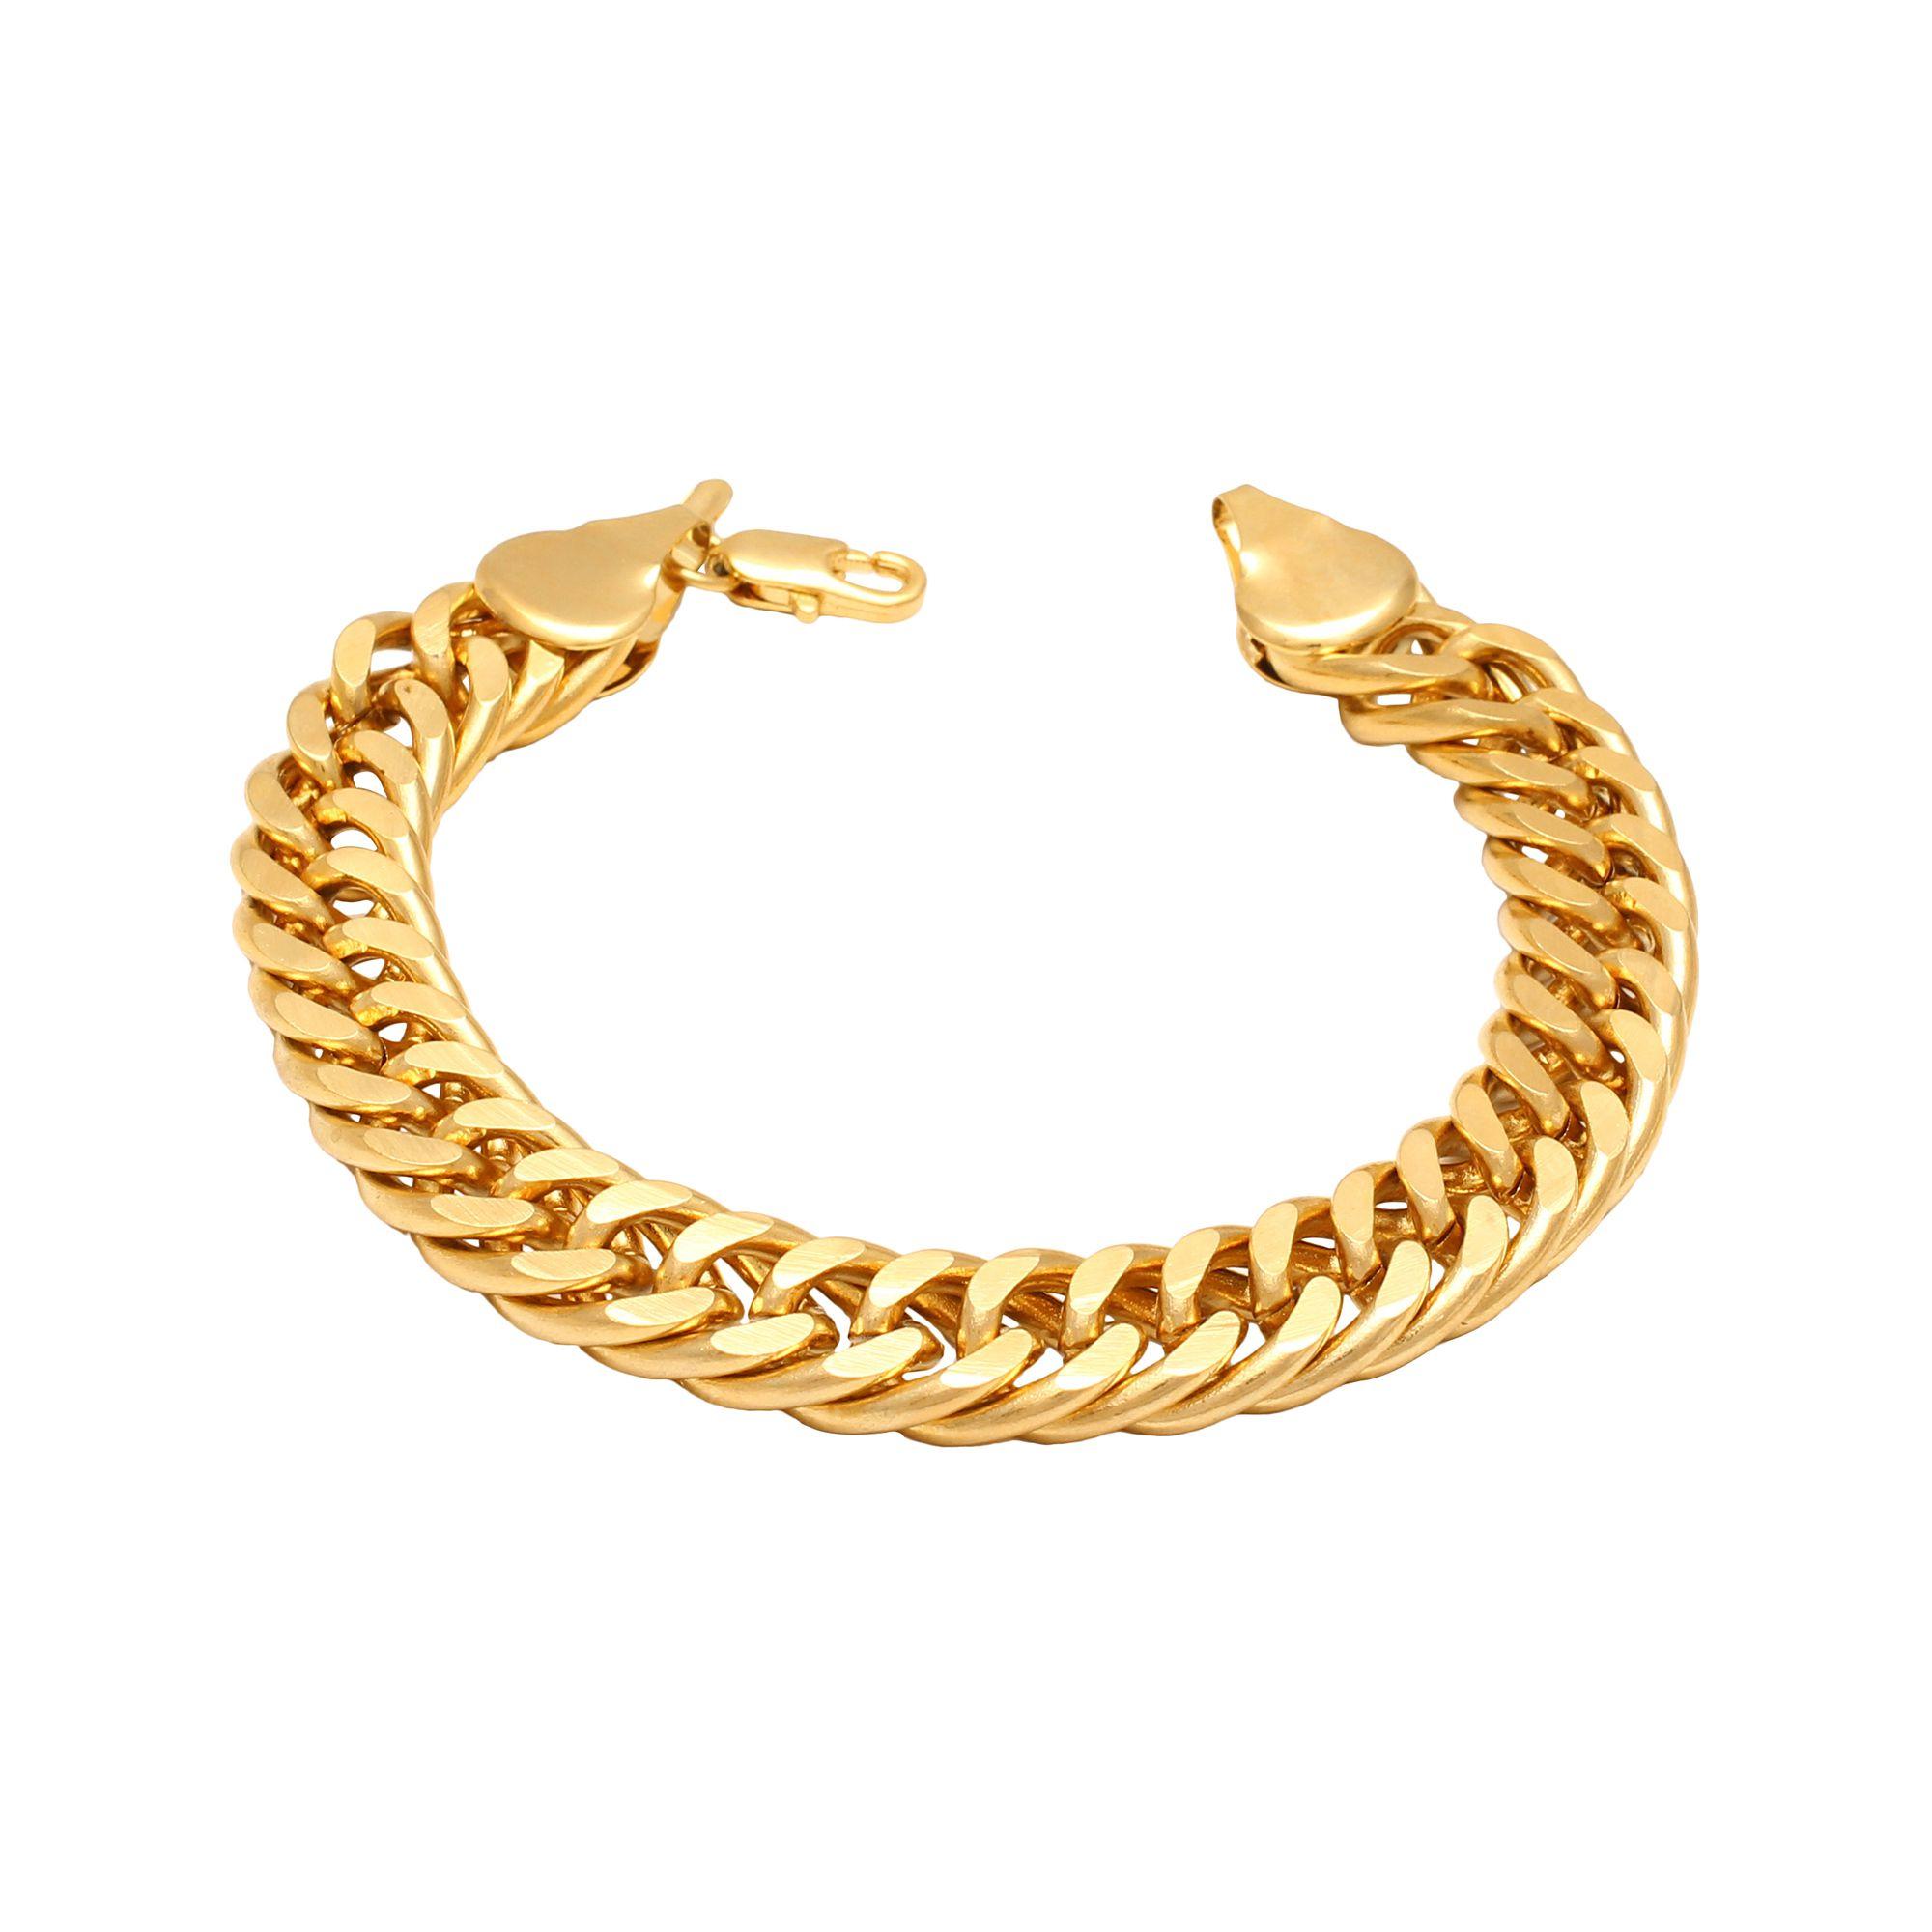 Memoir Brass Gold plated Cuban curb link heavy Bracelet